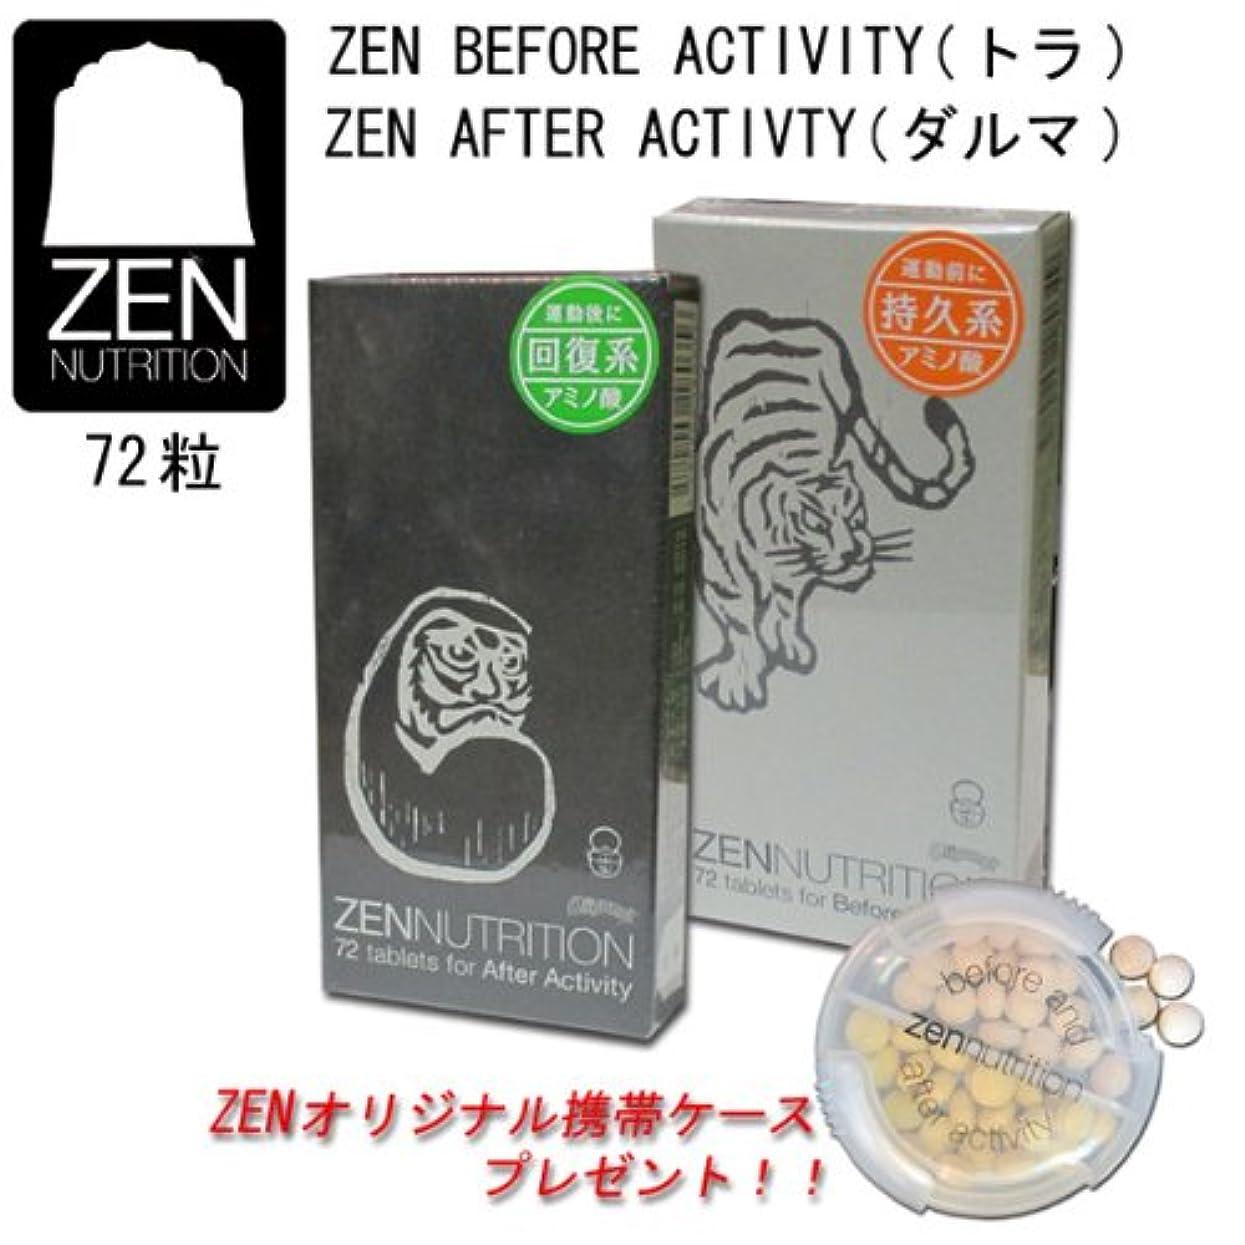 処分した臨検閉じるZEN ACTIVITY(トラ&ダルマ) ゼンサプリメントセット(72粒) アミノ酸/セットが 携帯ケースプレゼント!